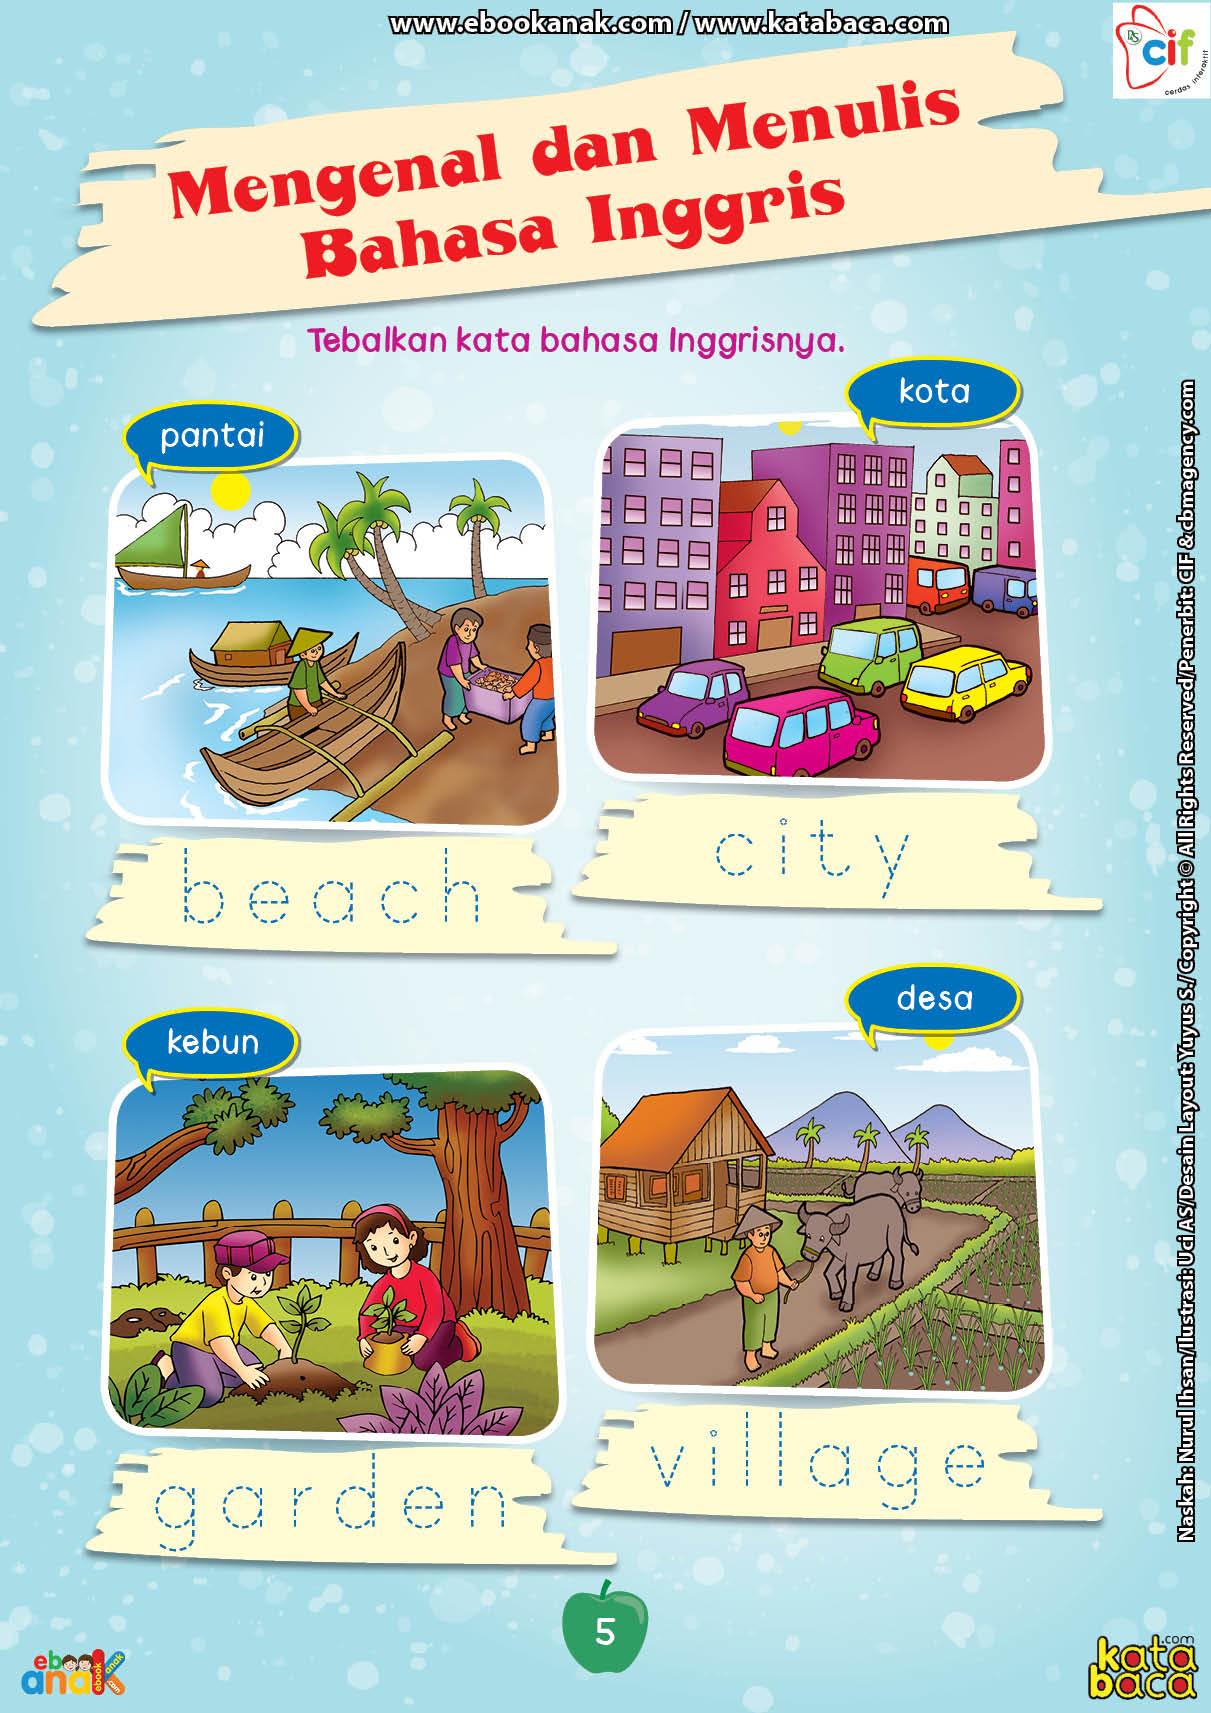 baca buku online brain games calistung5 Mengenal dan Menulis Bahasa Inggris dengan Menebalkan Katanya